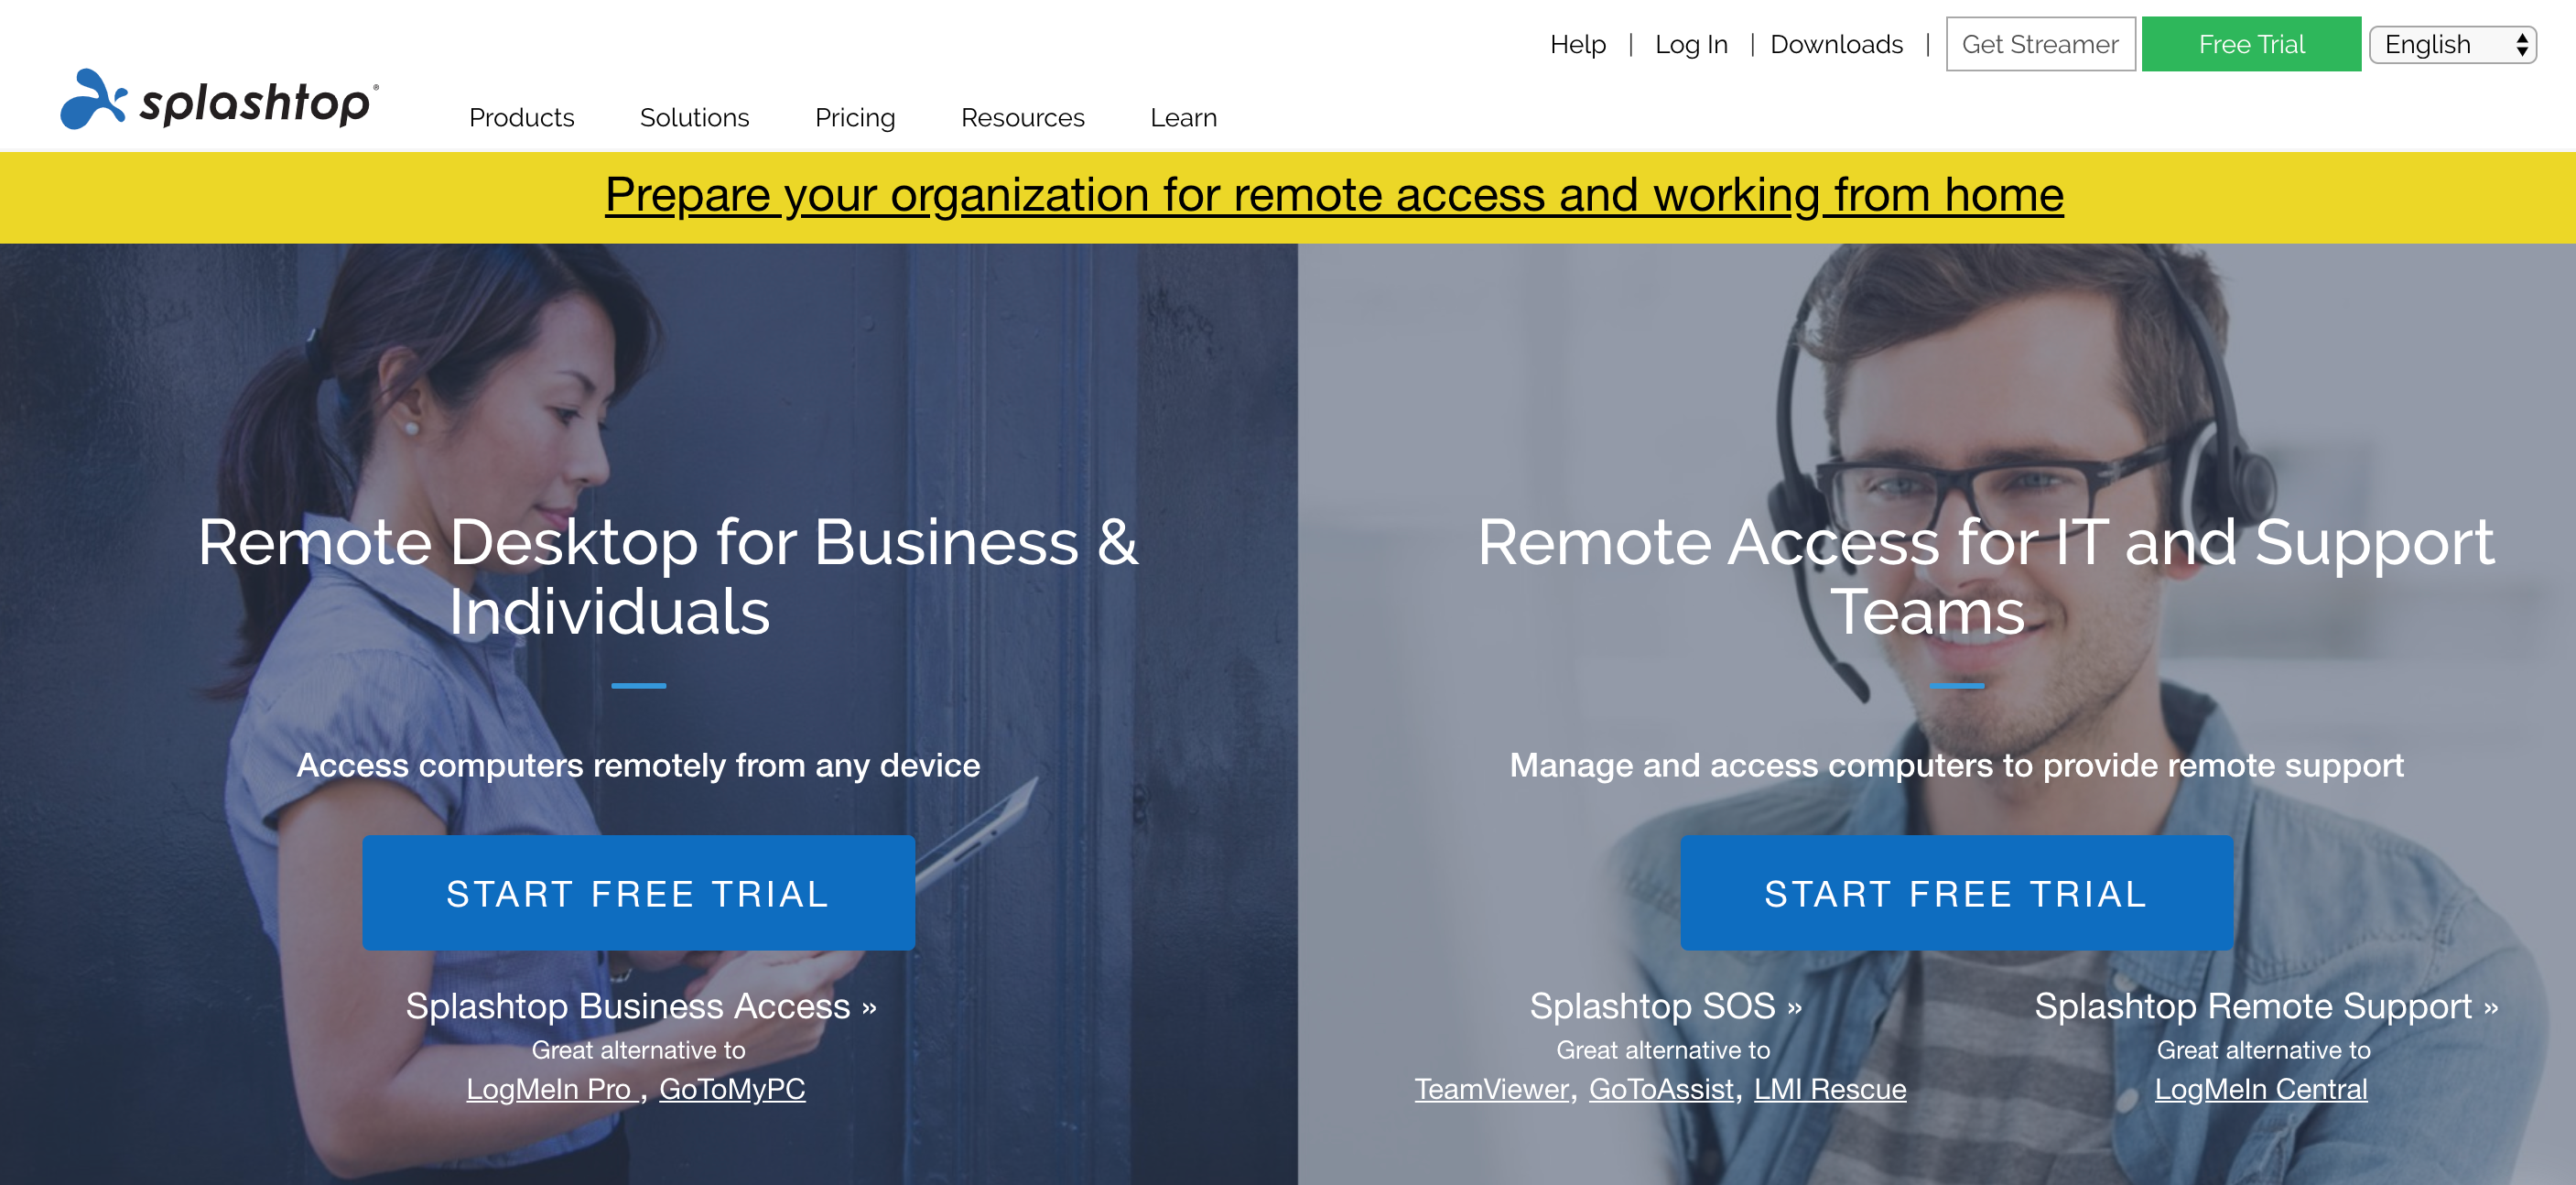 Splashtop_Remote_Access_Remote_Computer_Access_